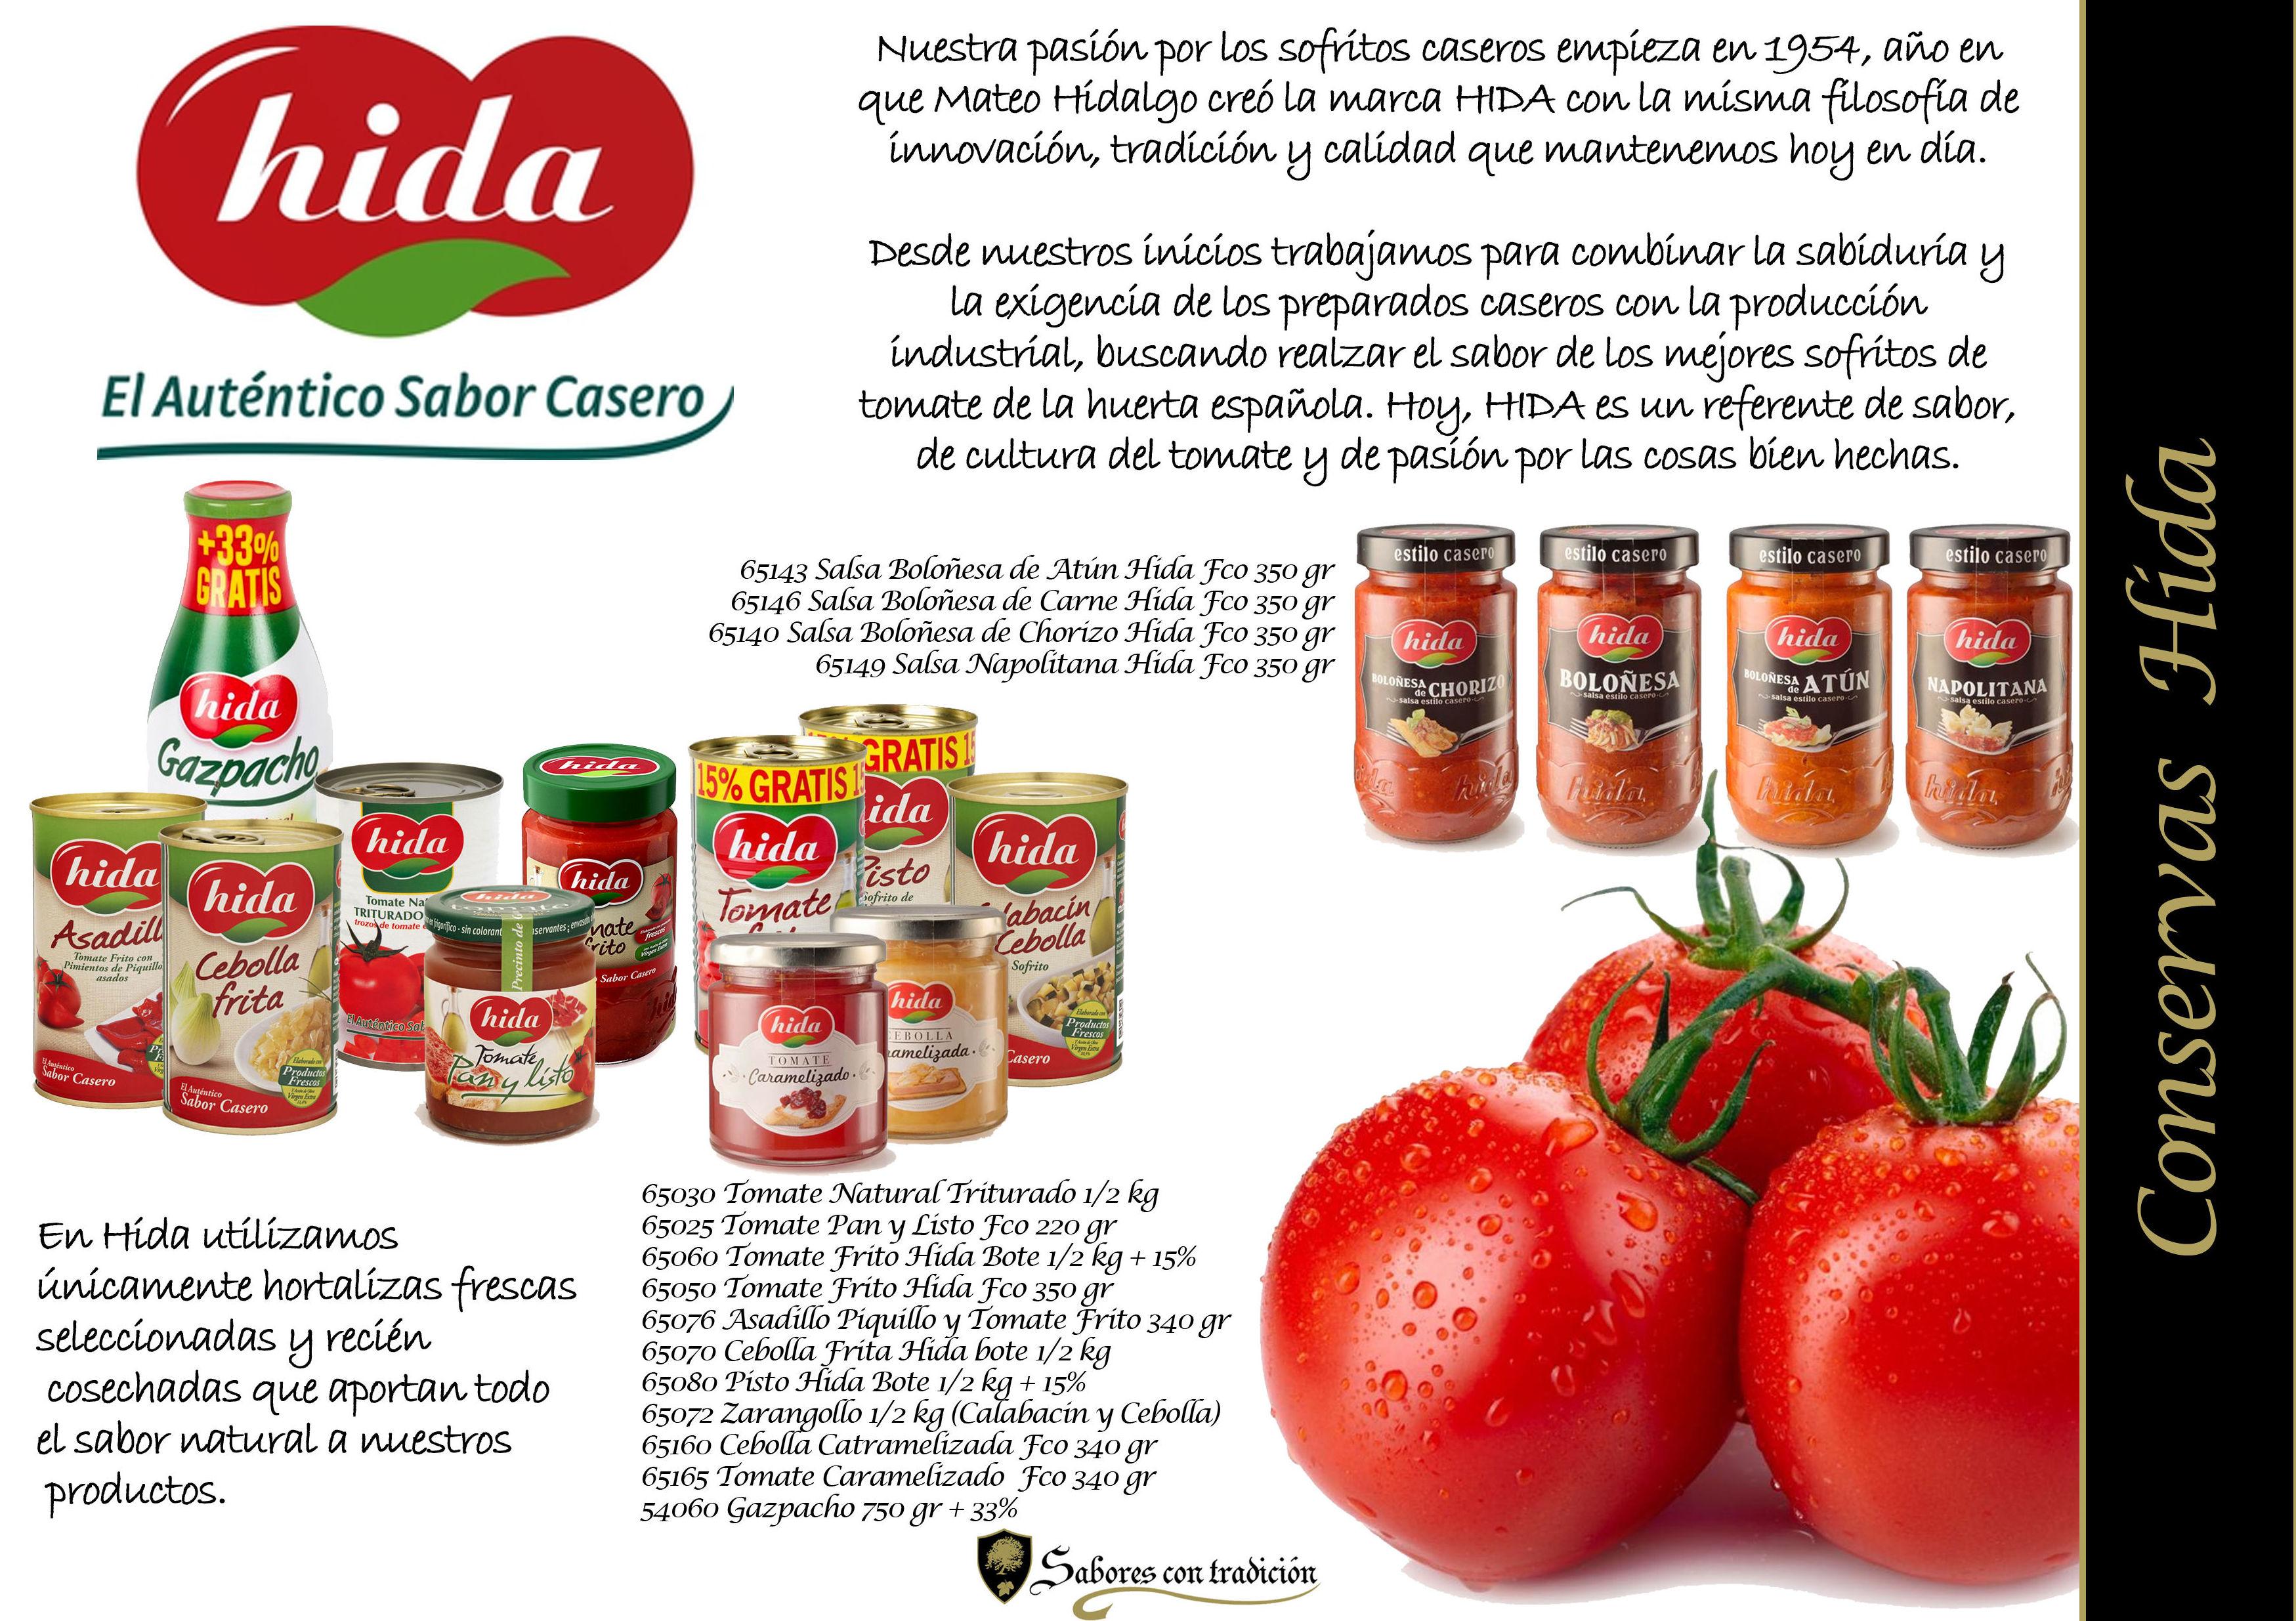 """Conservas """" Hida """": Productos de Sabores con tradición"""